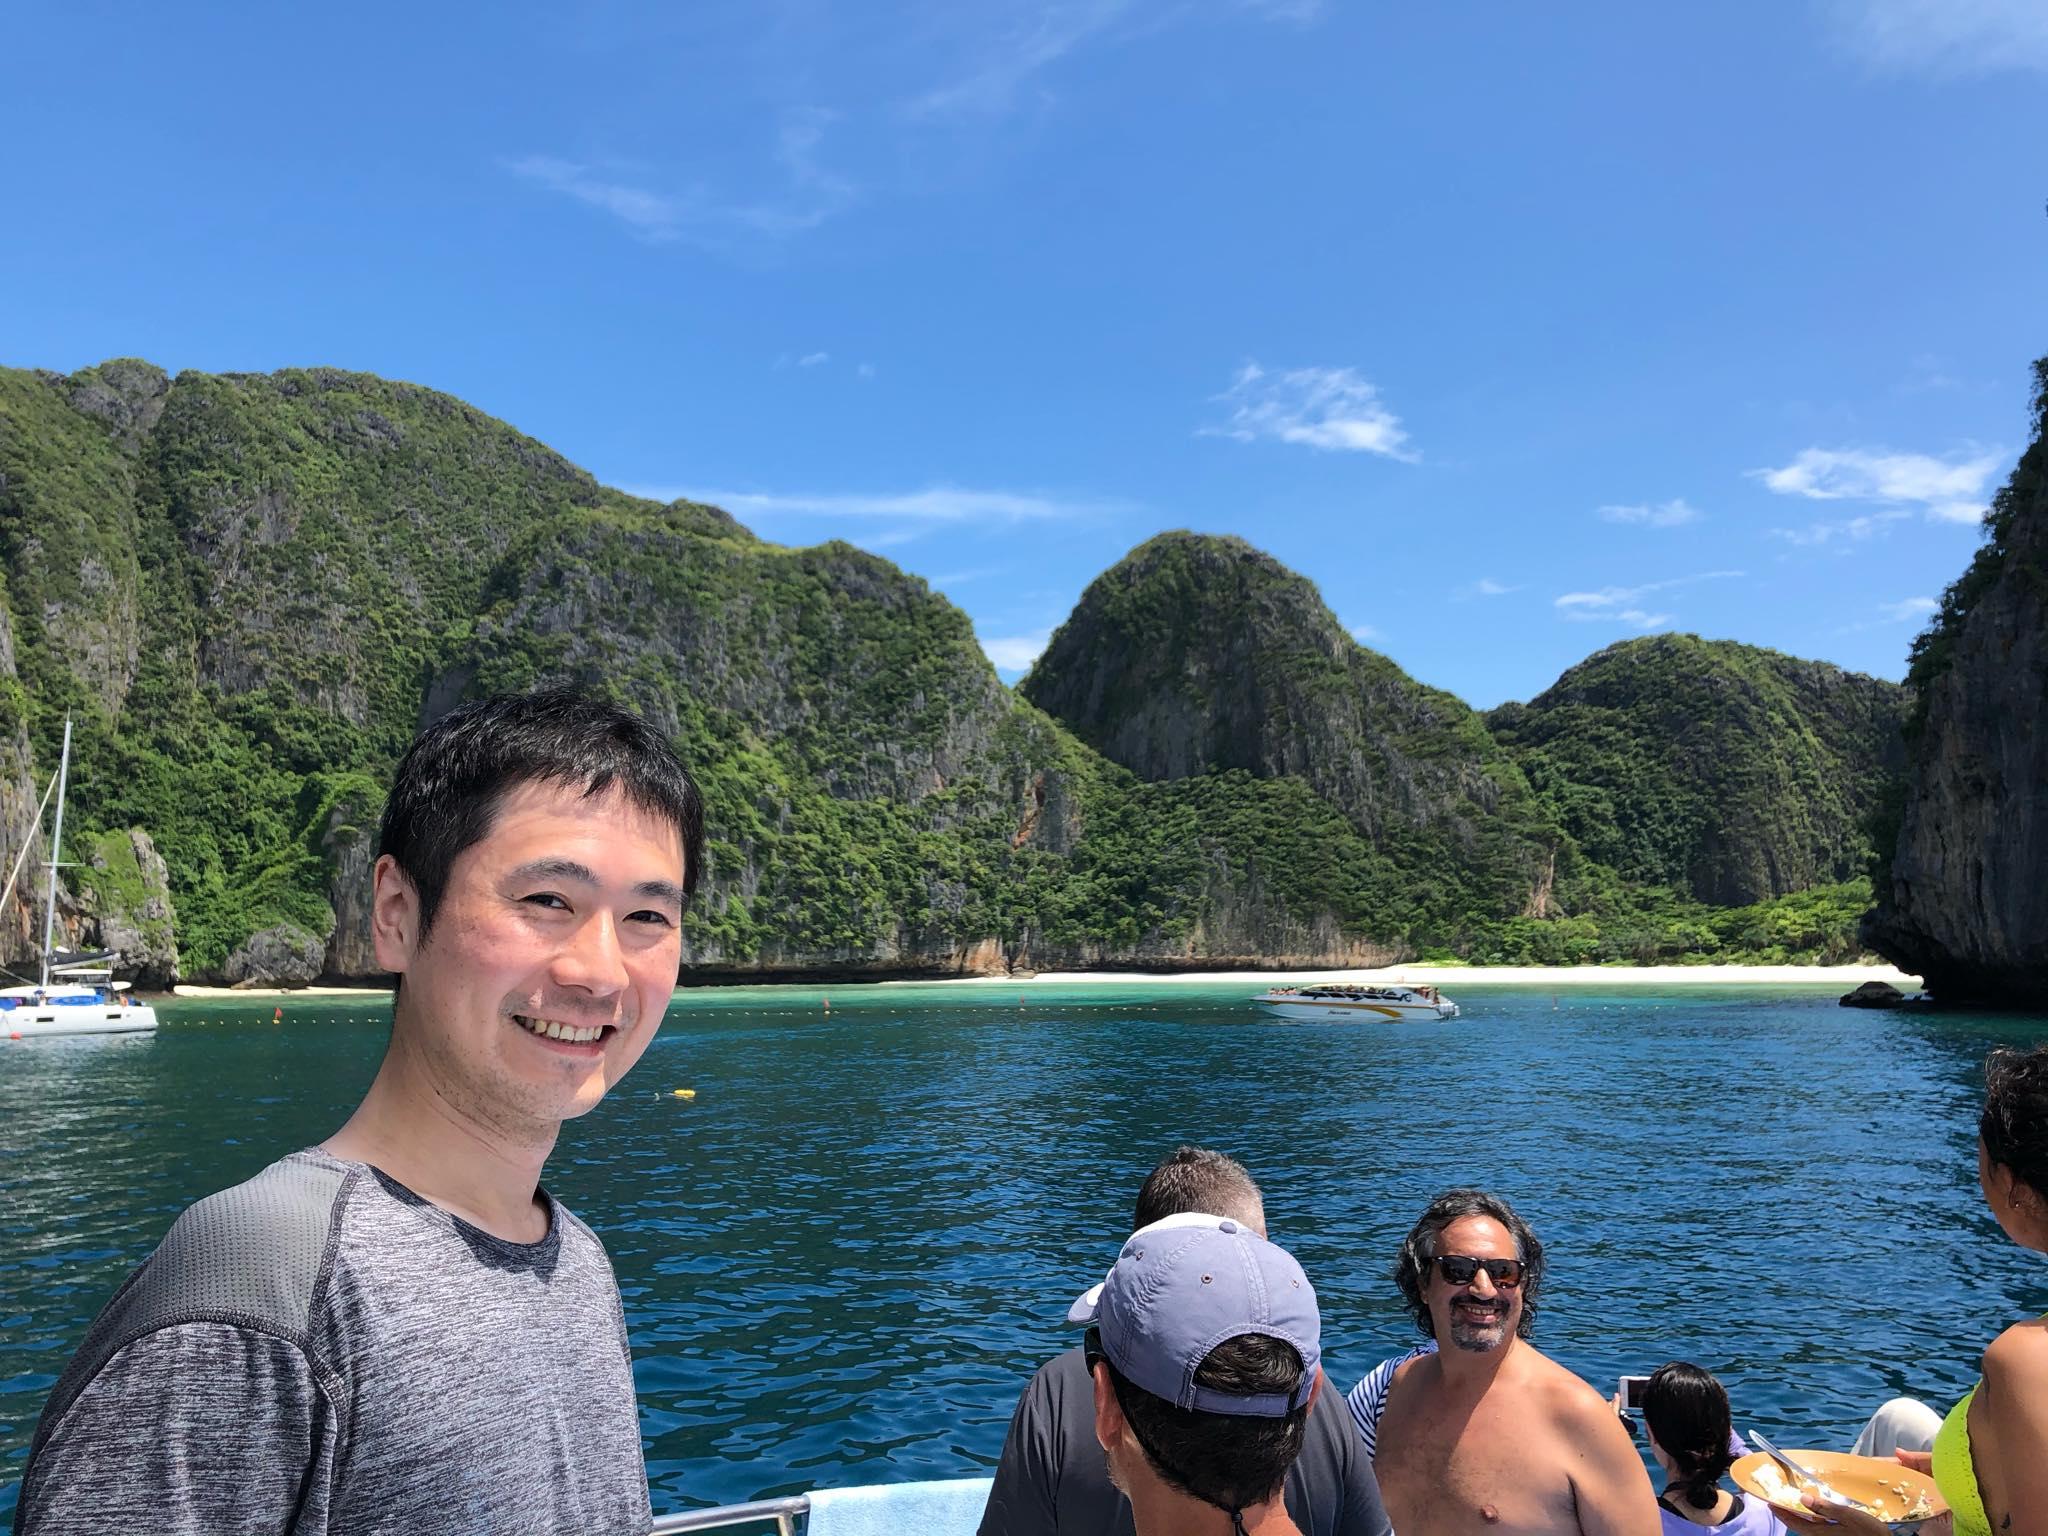 2019年10月23-25日 ファンダイビング&ショートクルーズ@ピピ島方面3ダイブ&シミラン諸島